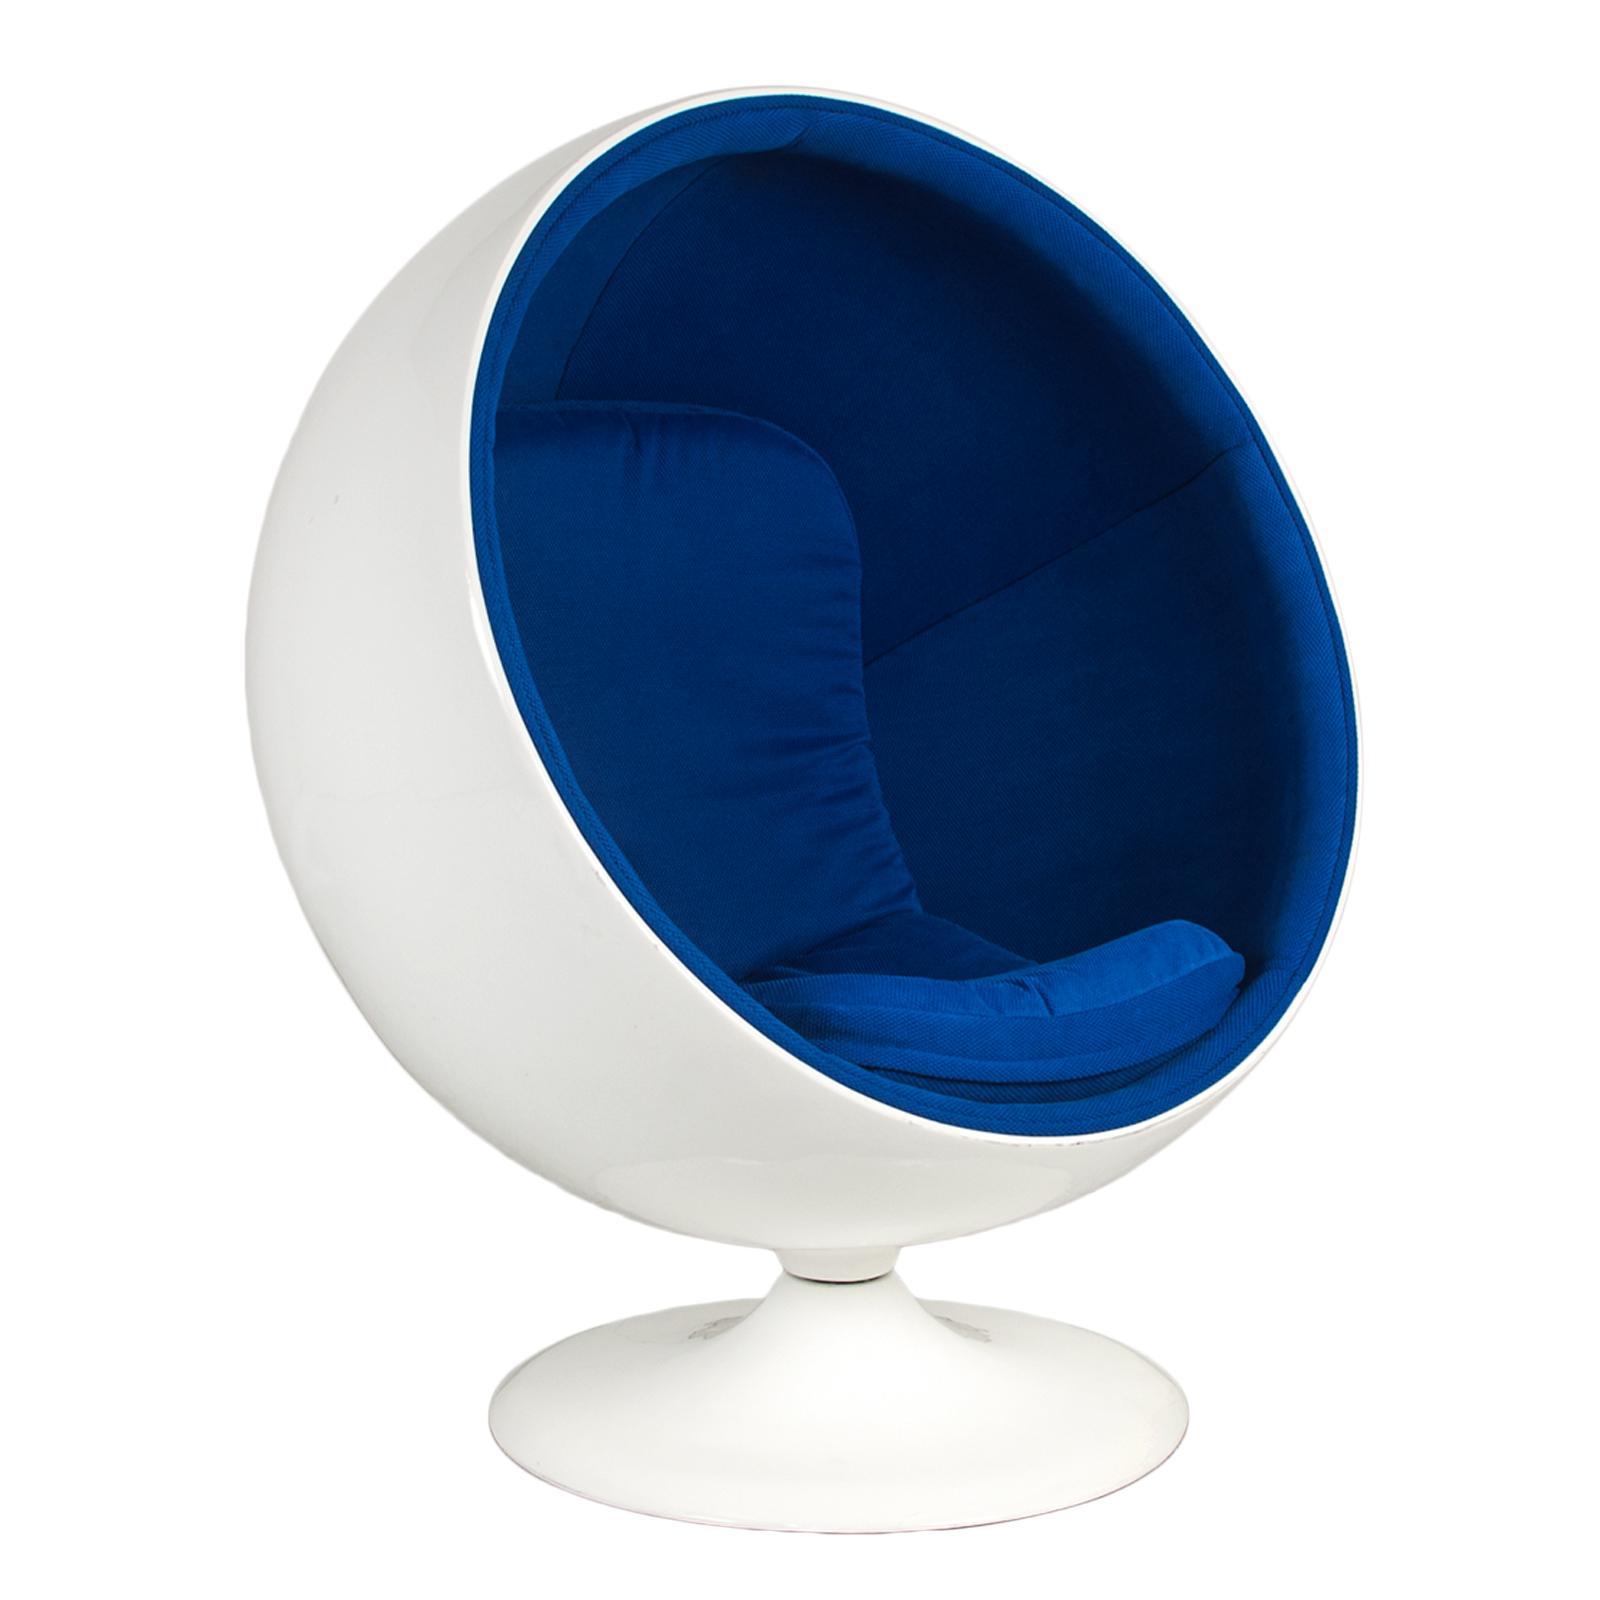 Eero Saarinen Ball Chair